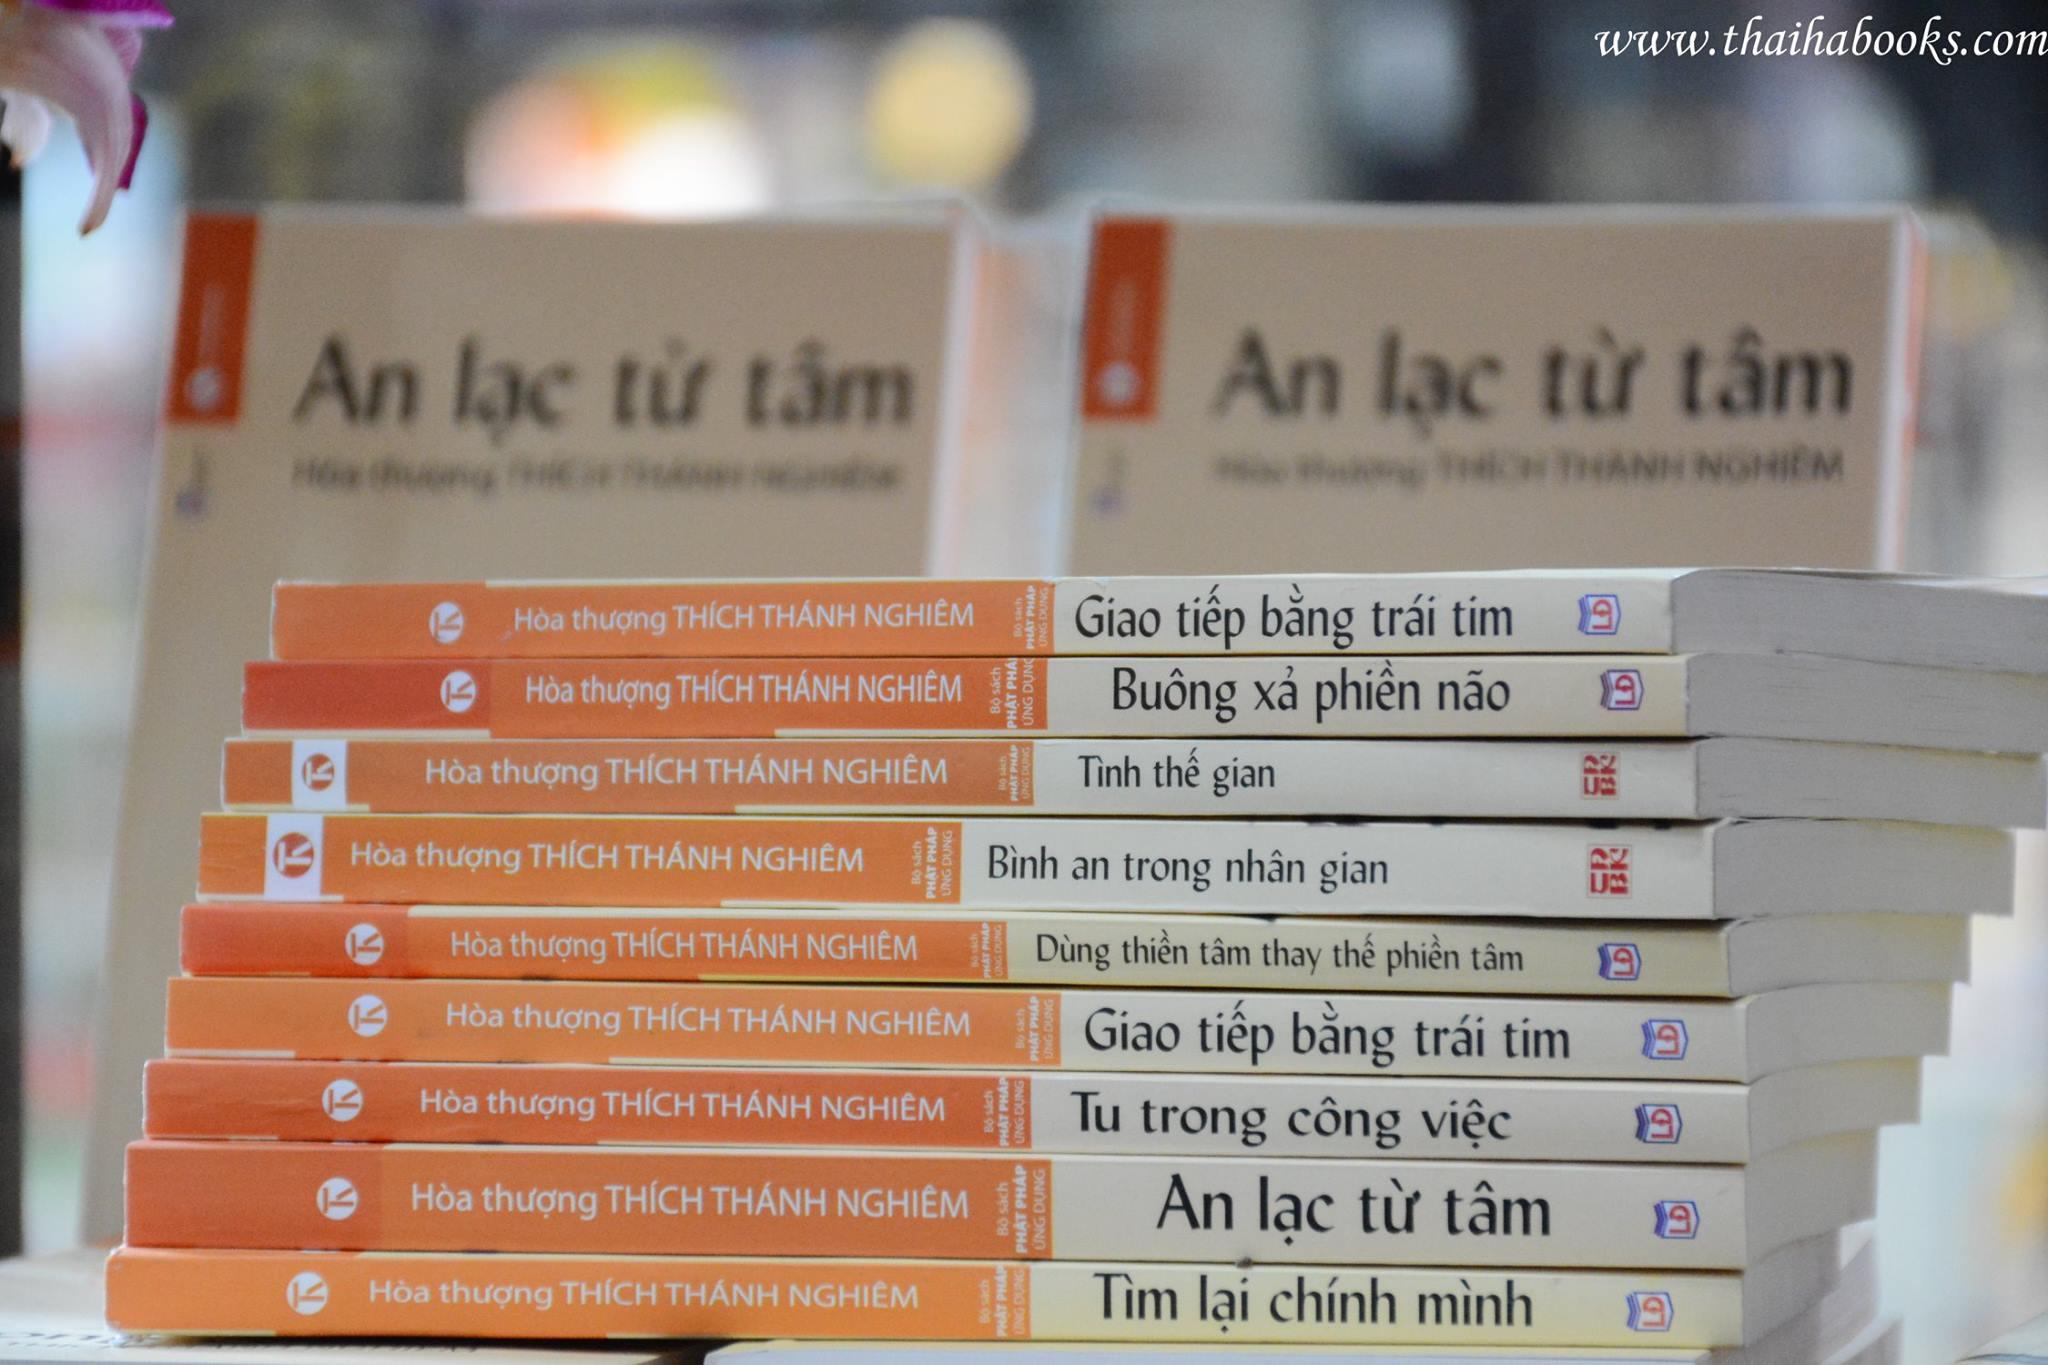 """14h00, Ngày 28/3/2017 Reading Tour Thái Hà Books 2017 – Chương trình số 6, chủ đề """"BÌNH AN TRONG NHÂN GIAN"""""""